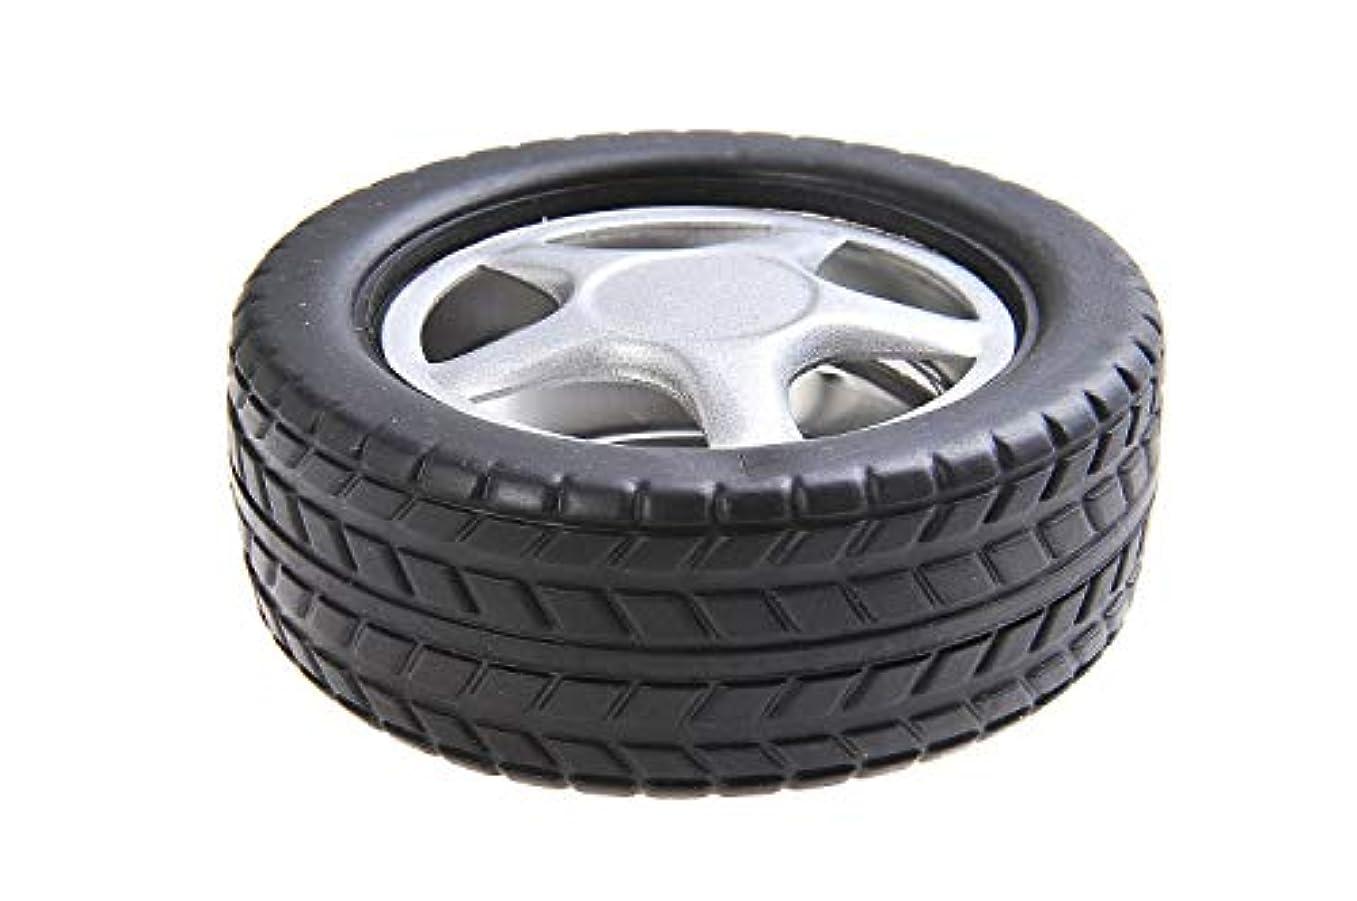 恐怖マート装置ステンレススチールとプラスチック製の車のタイヤの形状で量子そろばんラウンド灰皿、